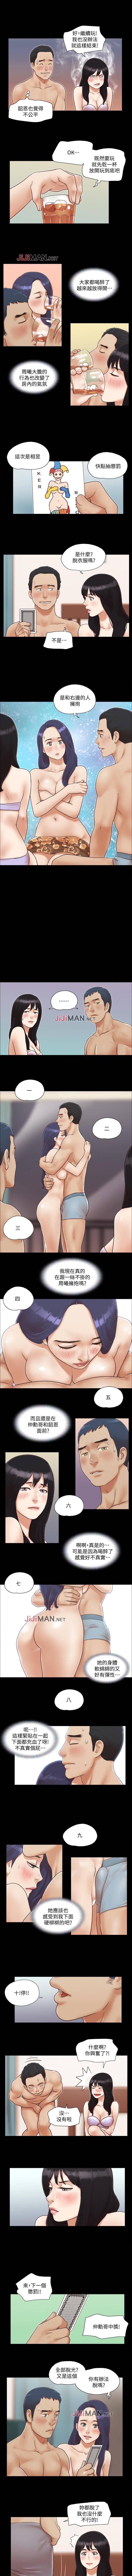 【周五连载】协议换爱(作者:遠德) 第1~57话 20